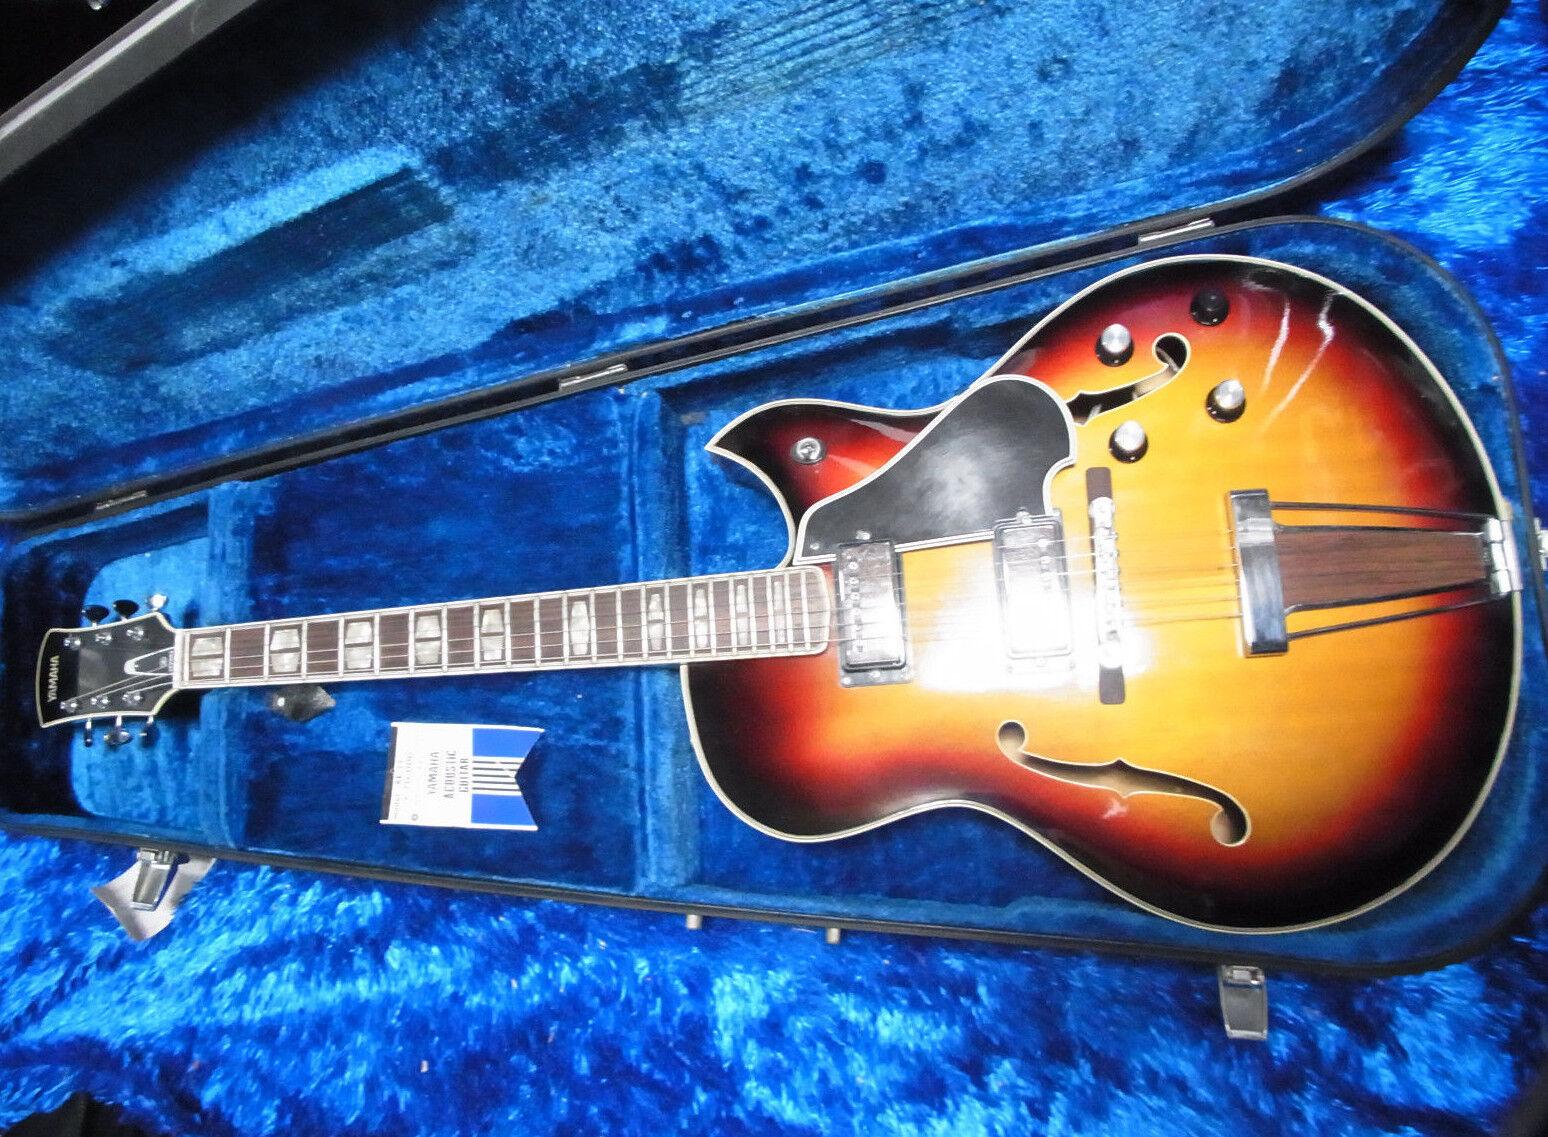 Vintage Yamaha AE-11 ae11 guitarra guitarra guitarra eléctrica de cuerpo hueco con Estuche Japón 11-6  100% precio garantizado